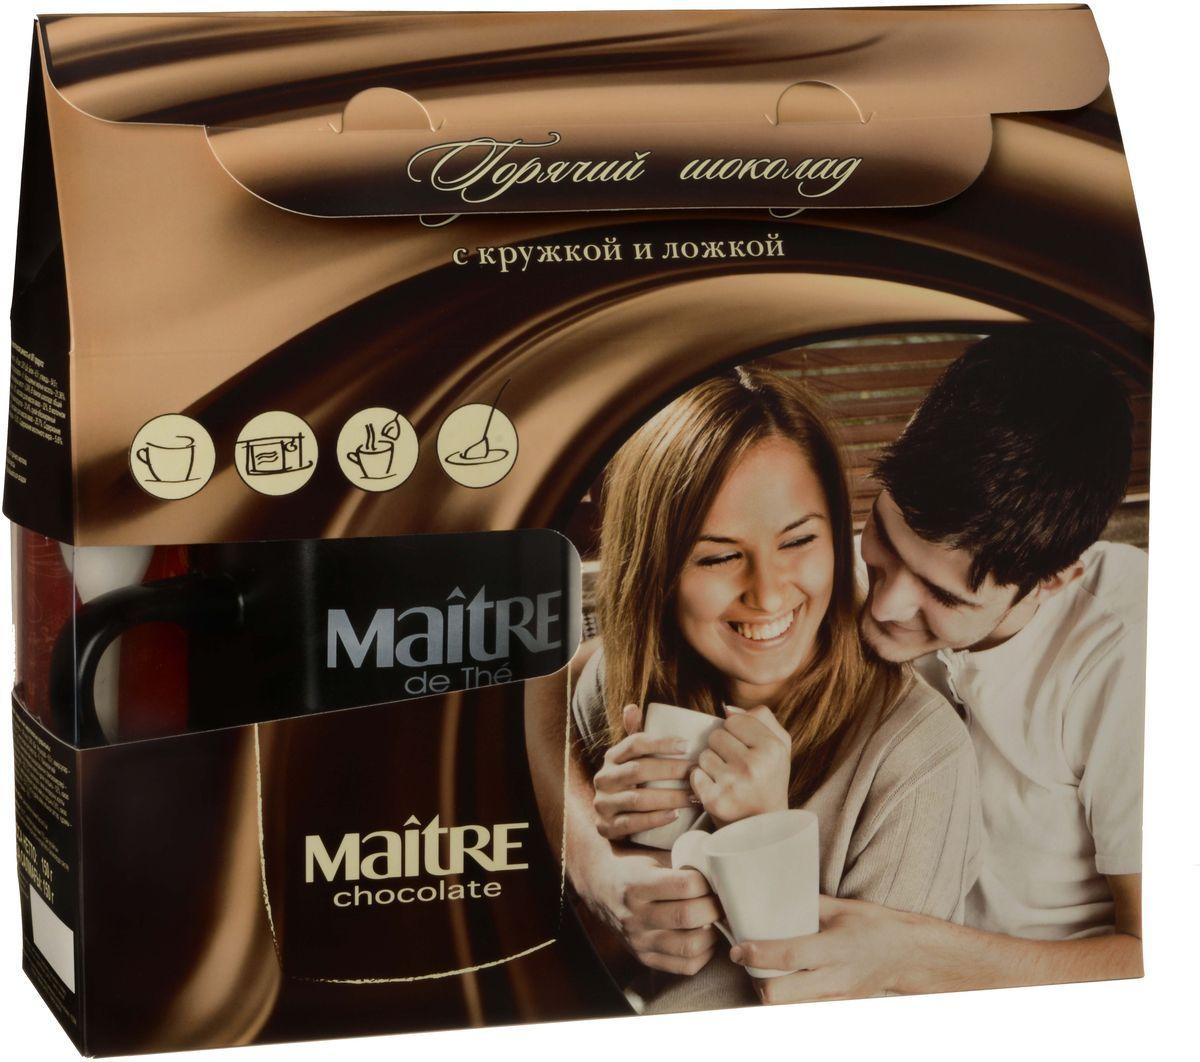 Maitre горячий шоколад, 150 гирш001Подарочный набор Горячий шоколад включает: - Молочный шоколад для разведения в горячем молоке с кокосовой крошкой (в составе 32% какао масла, наполнитель - кокосовая стружка); - Молочный шоколад для разведения в горячем молоке с пряной корицы (в составе 32% какао масла, наполнитель - корица молотая); - Темный шоколад для разведения в горячем молоке со вкусом кофе (в составе 52% какао масла, наполнитель - обжаренные кофейные зёрна); - Керамическая кружка с керамической ложкой. Способ приготовления: Ложку с шоколадом растворить в 200 мл горячего молока. Перемешать для получения однородной массы.